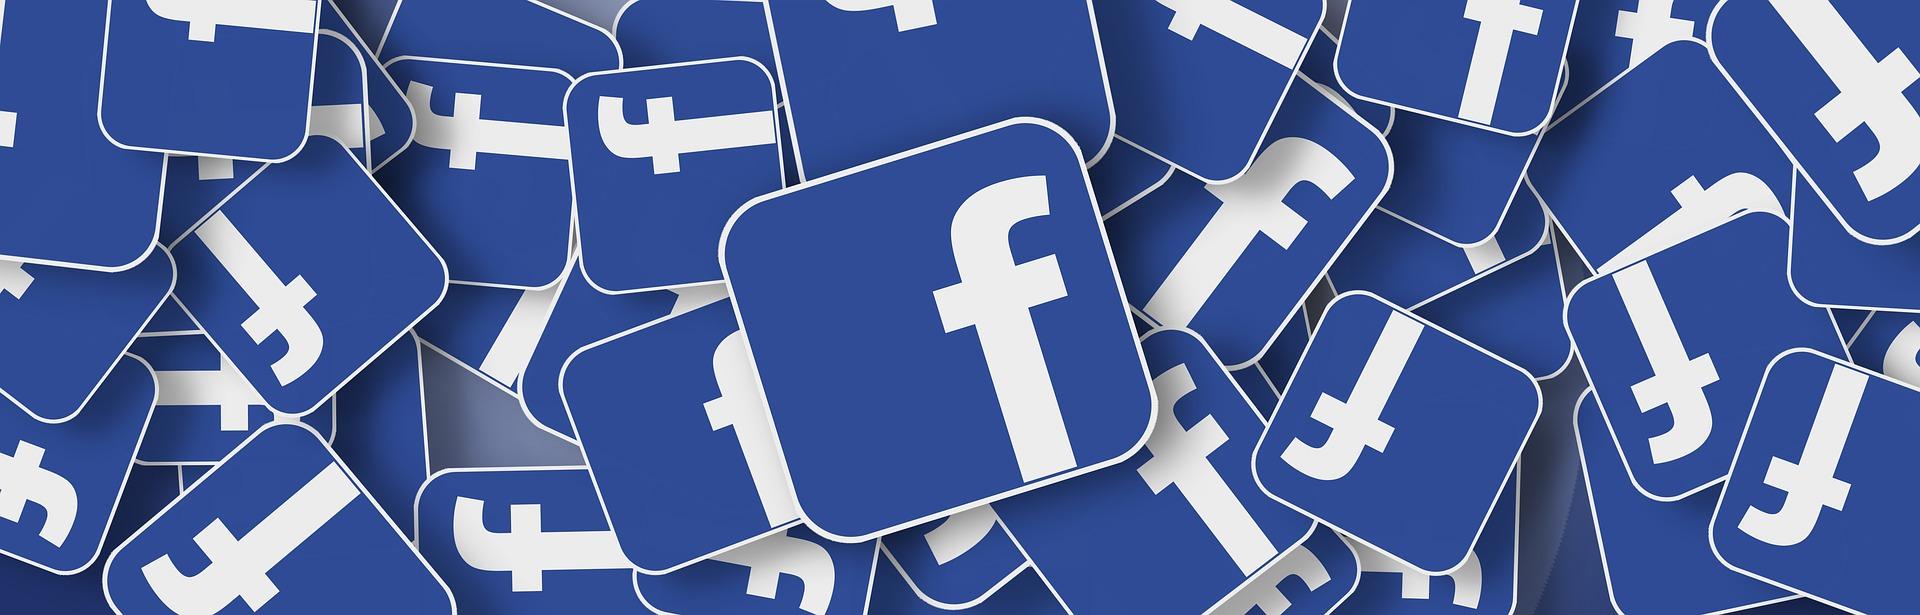 Wandert Facebook bald in den Müll? (Bild: geralt/Piaxaby)